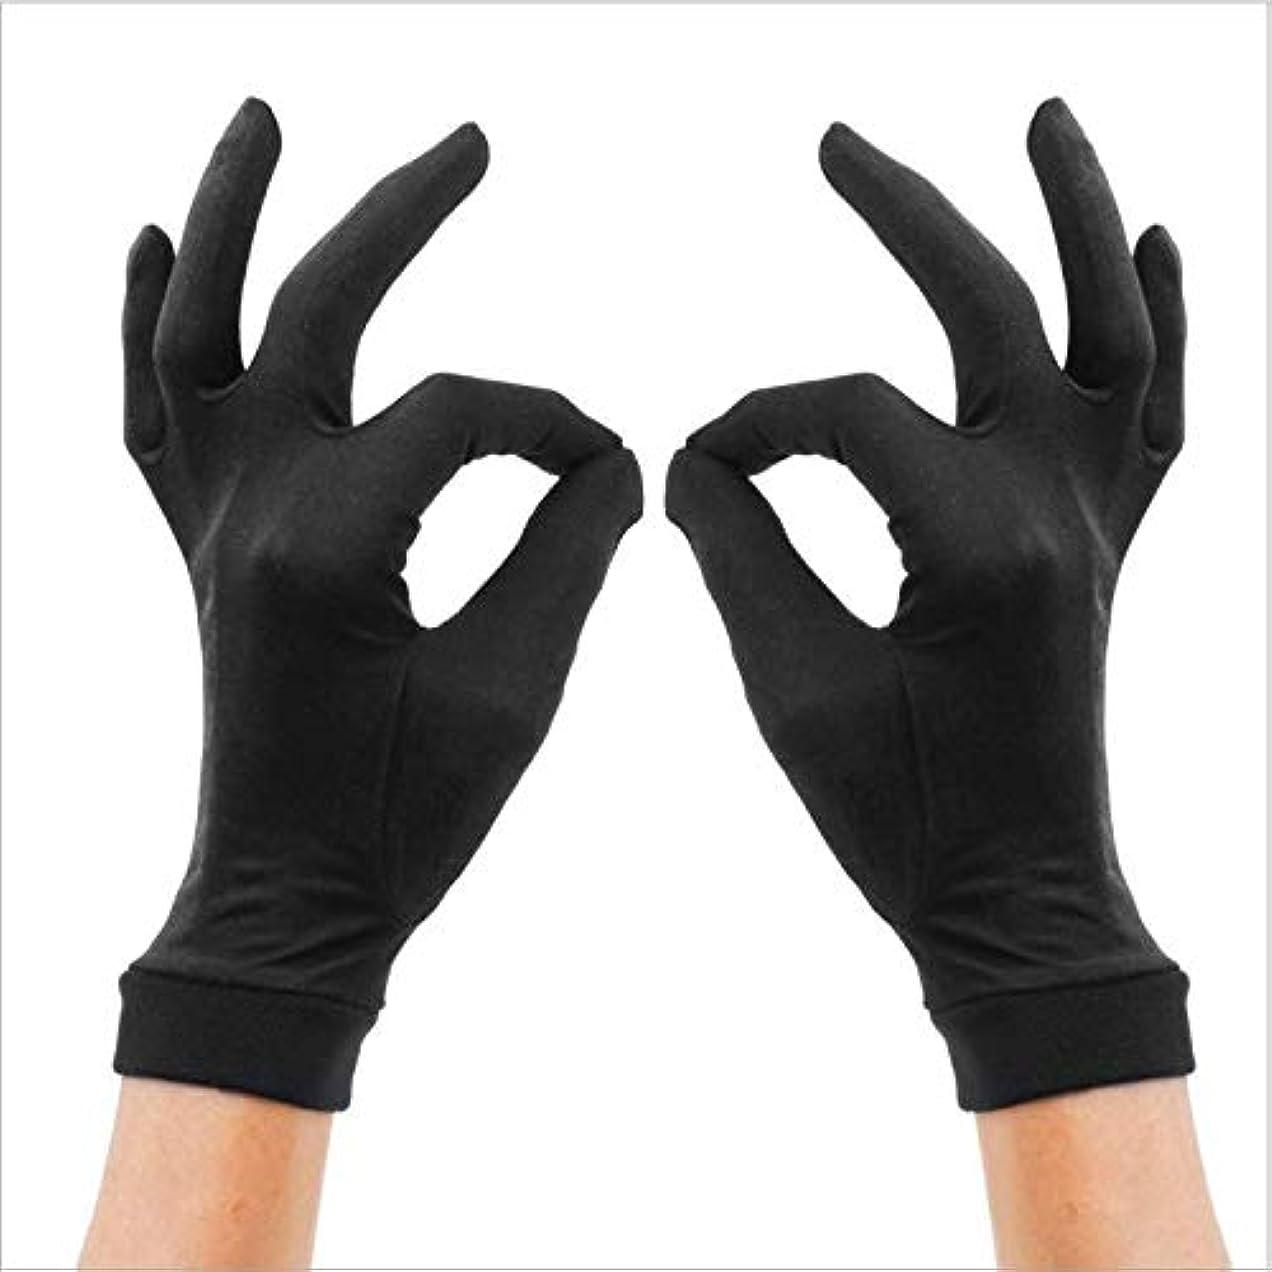 泥沼捧げる願望シルク手袋 ALUL 手袋 シルク uvカット おやすみ 手触りが良い 紫外線 日焼け防止 手荒い 保湿 夏 ハンド ケア レディース/メンズ